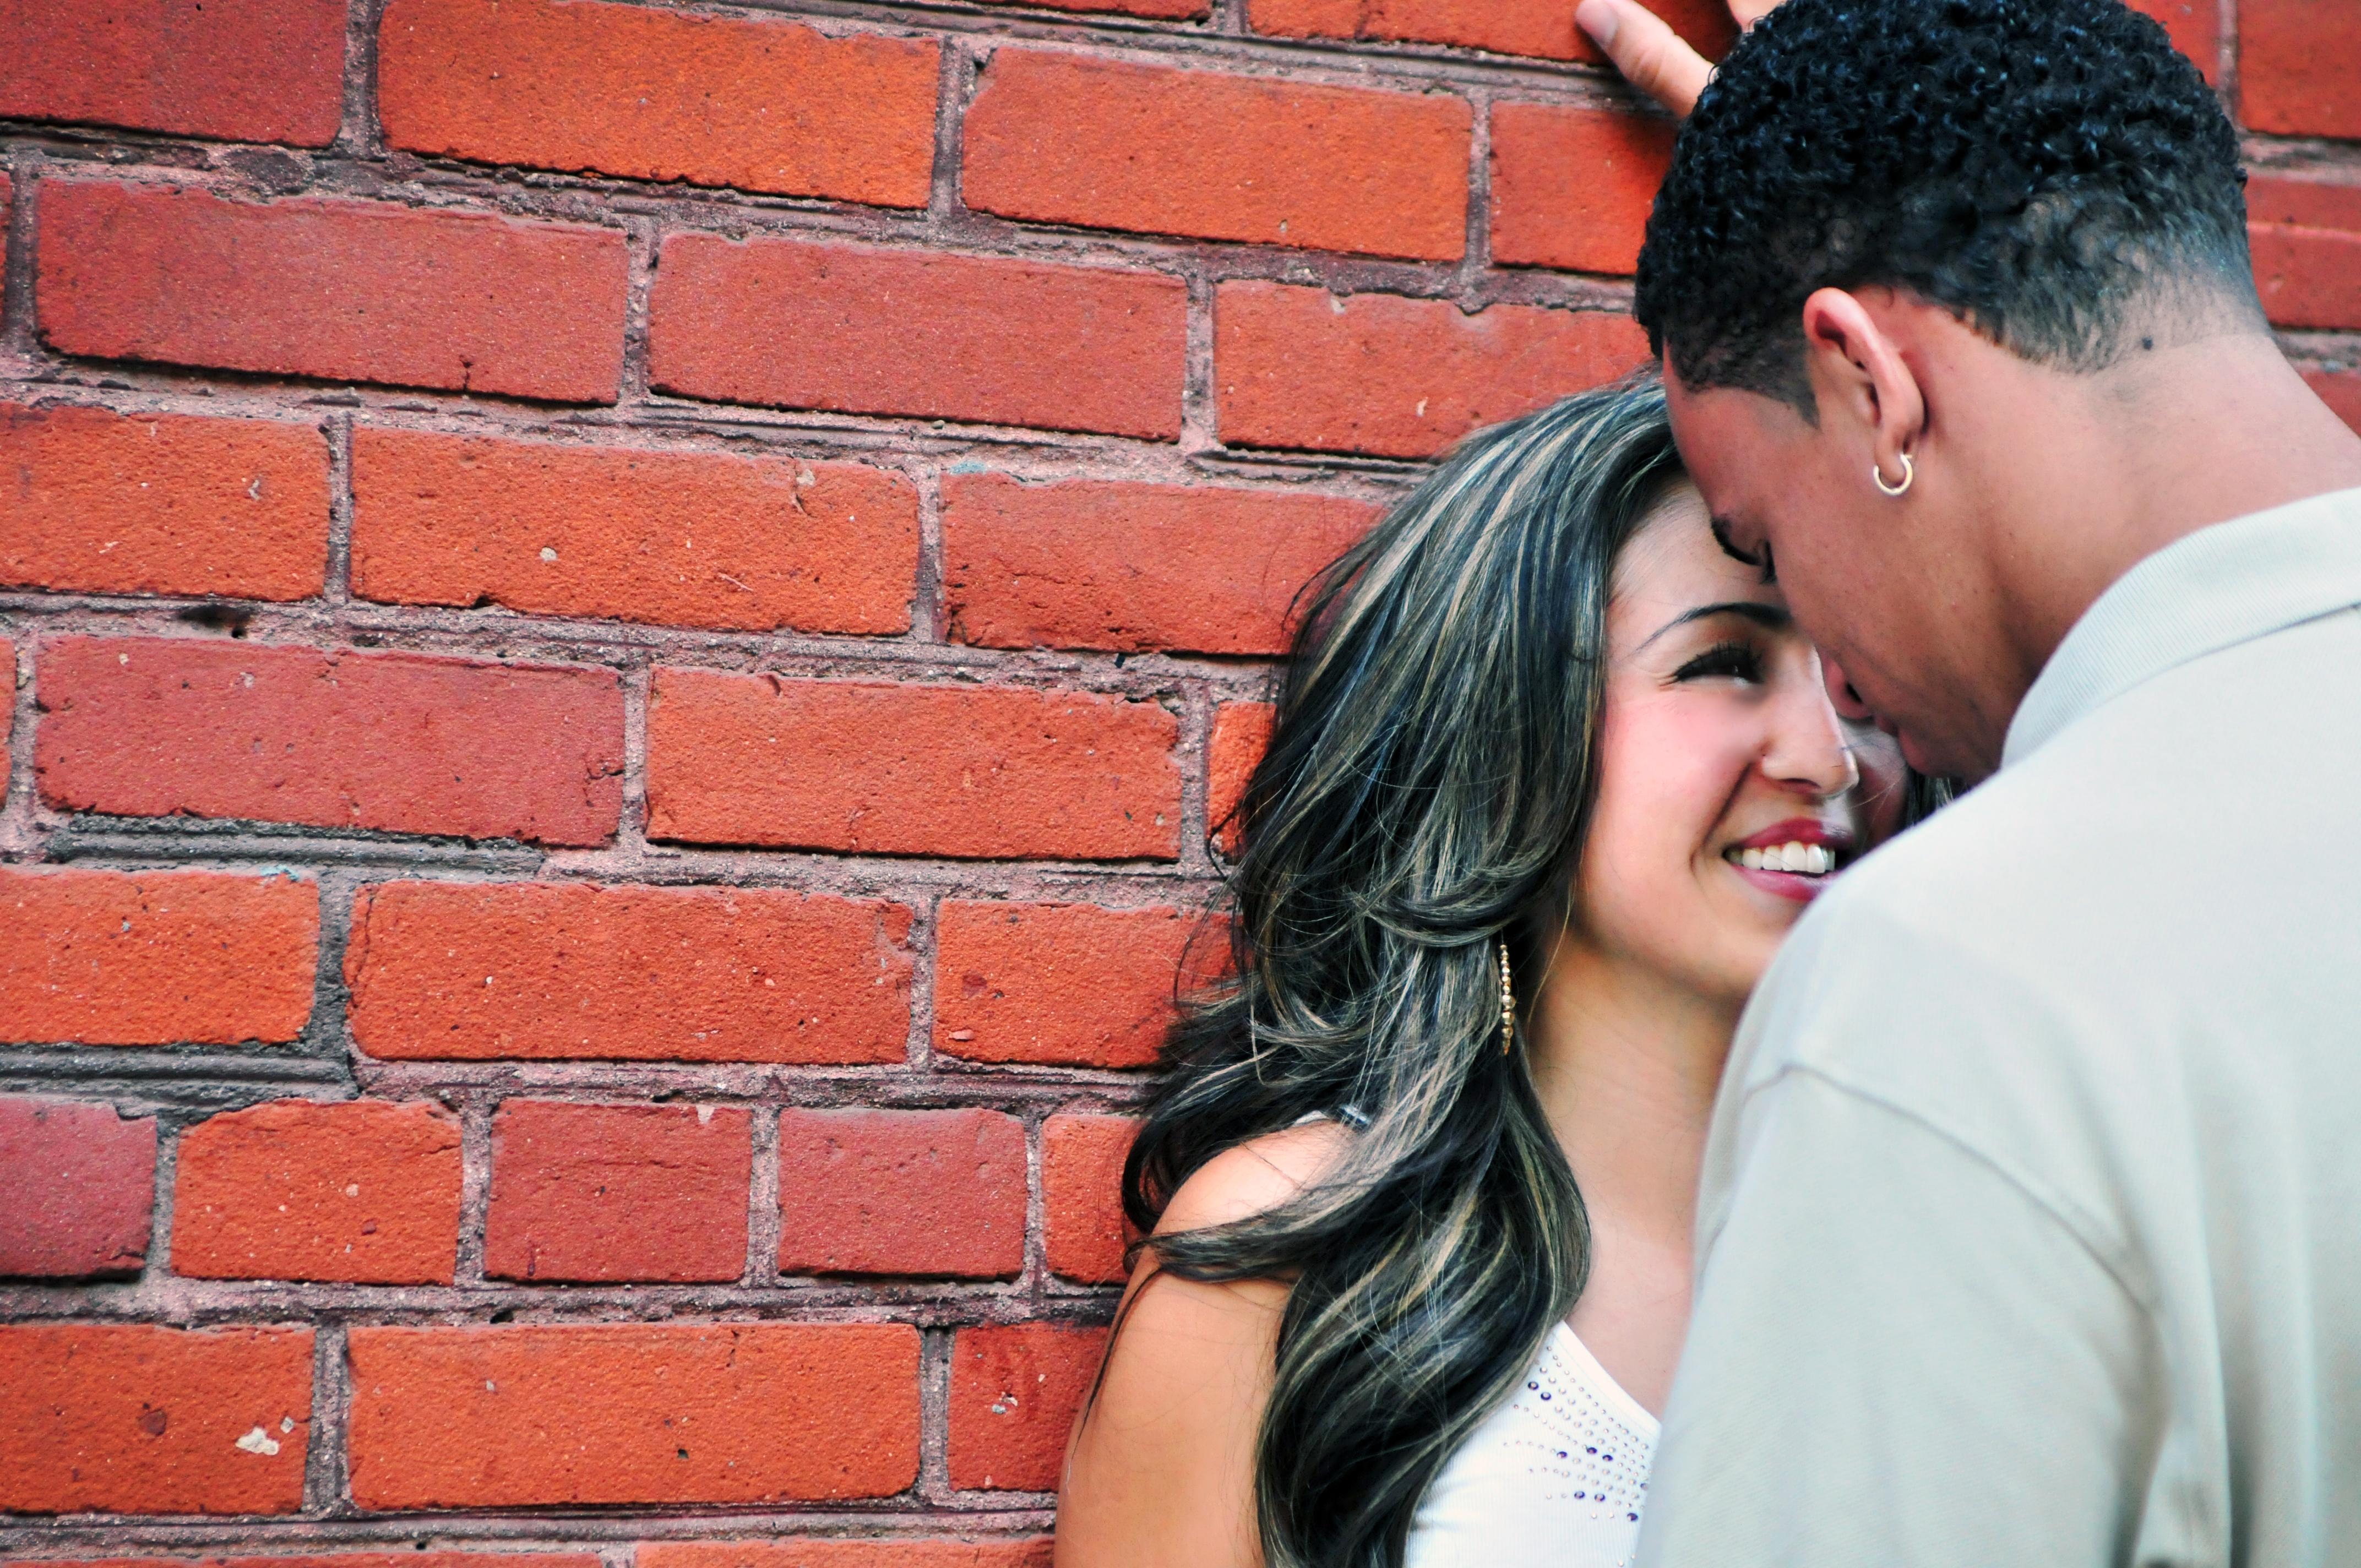 la joll engagement, san diego engagement, couple's portraits. la joll asunset, engagement portraits, downtown engagement